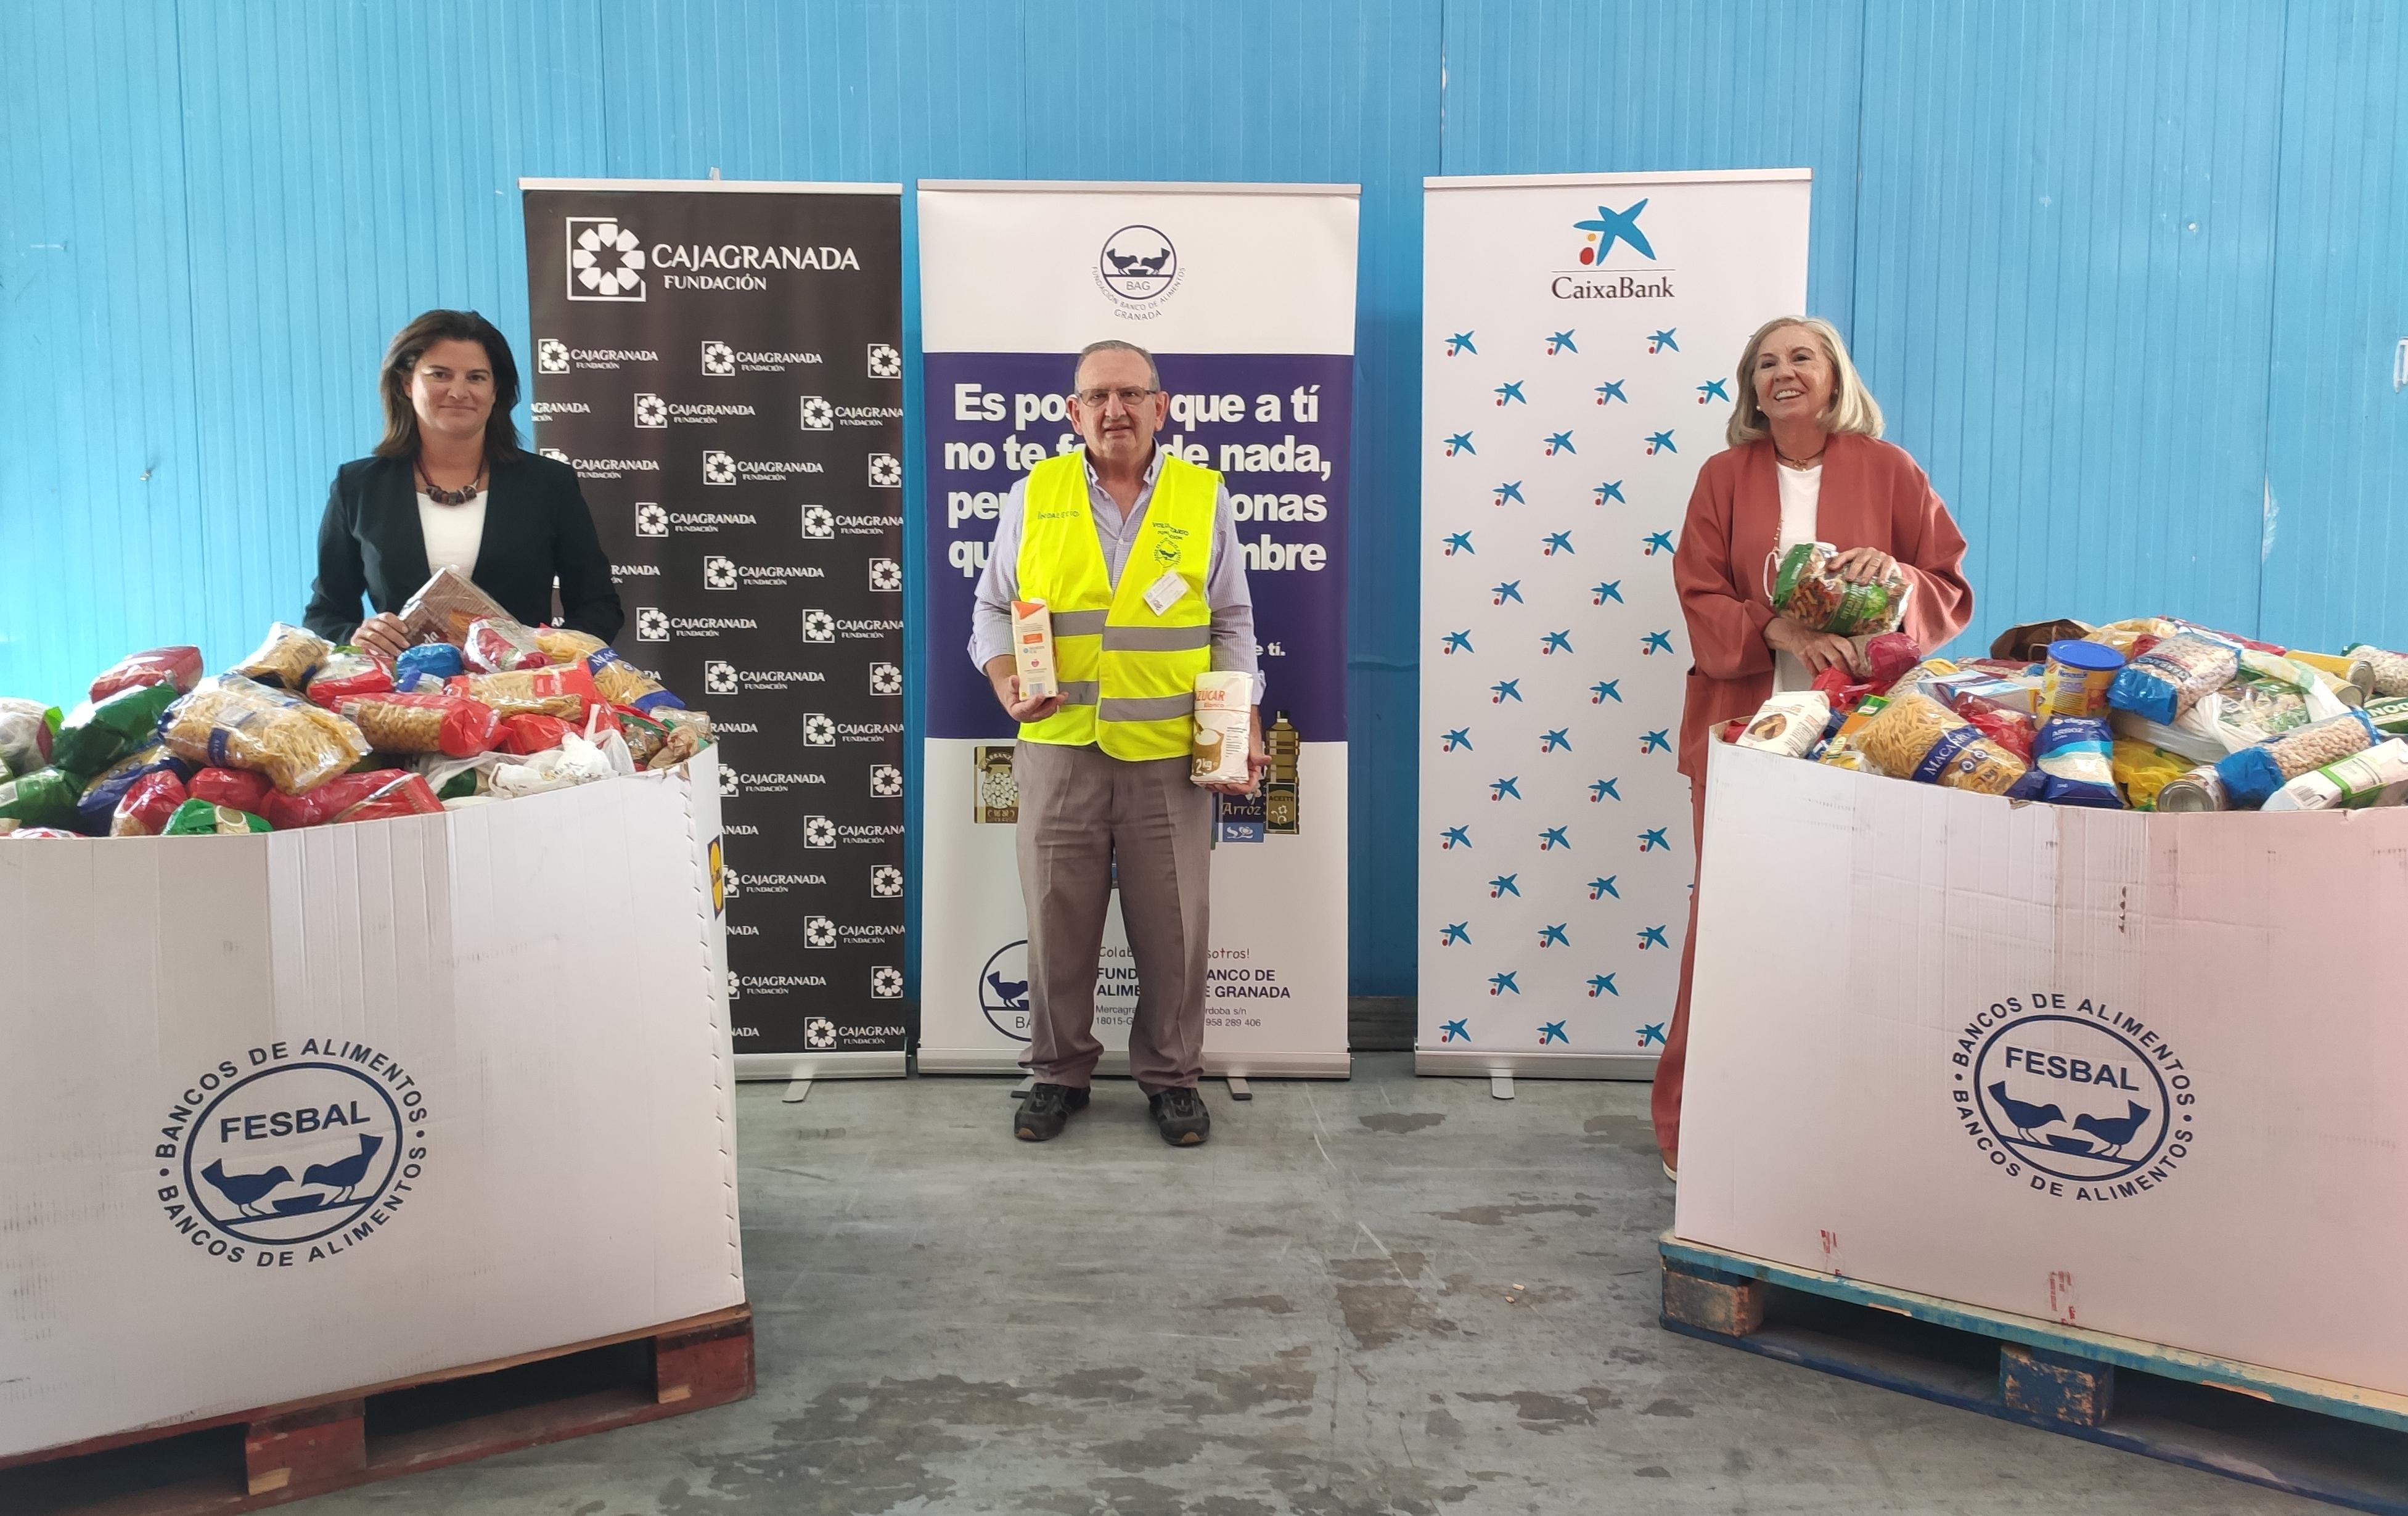 CajaGranada Fundación y CaixaBank entregan 7.500 Kg de alimentos para los más necesitados